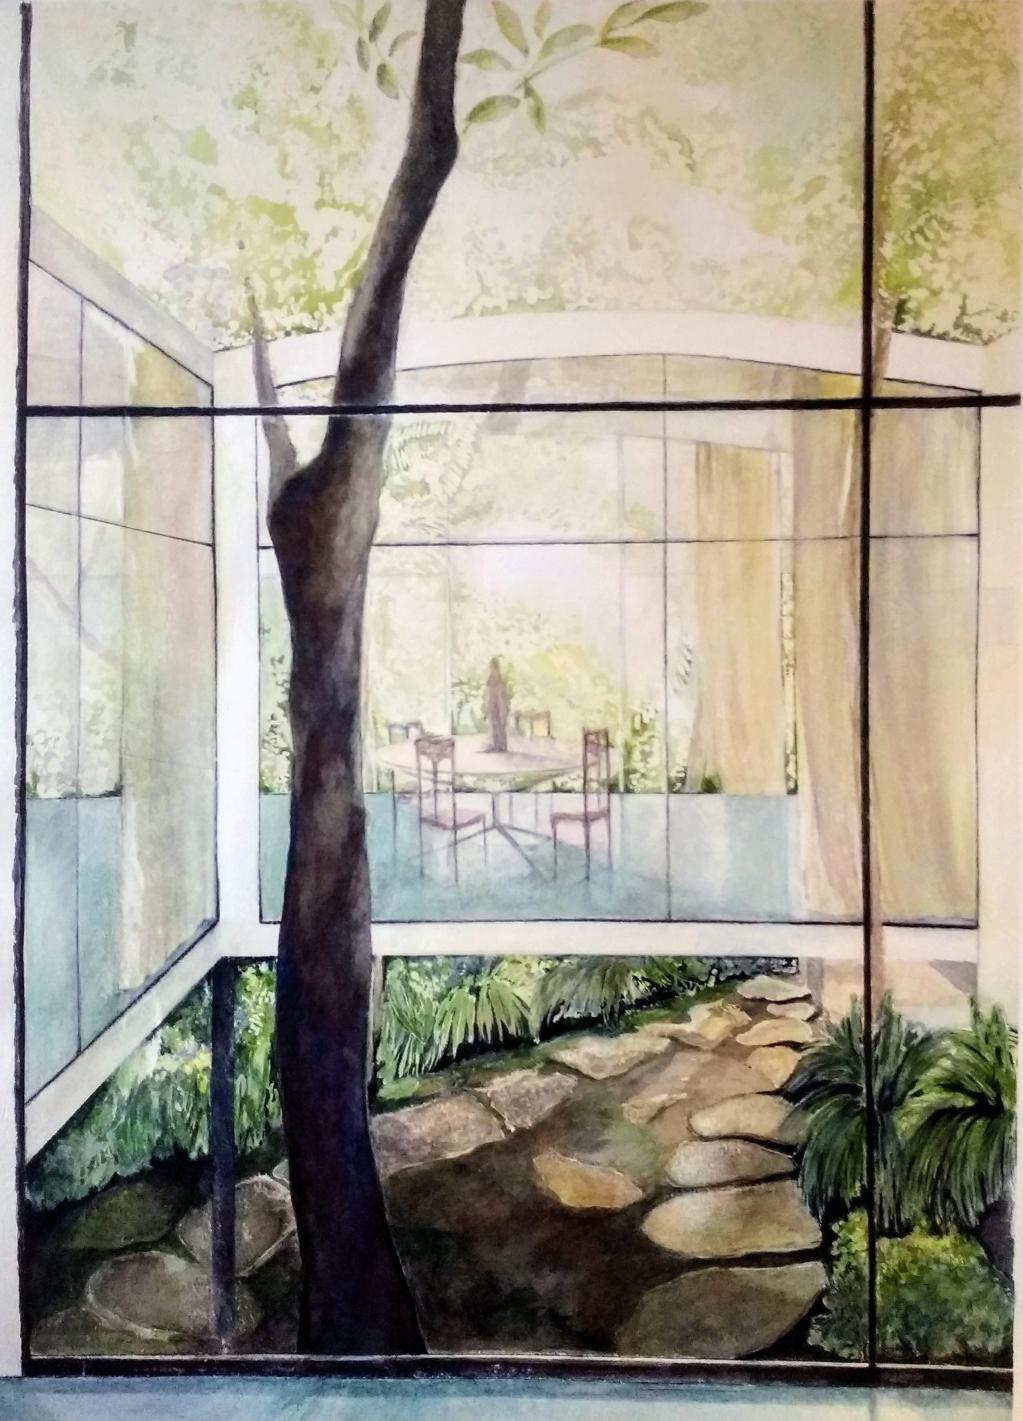 Casa de Vidrio_03 (2018) - Mara Sánchez Llorens